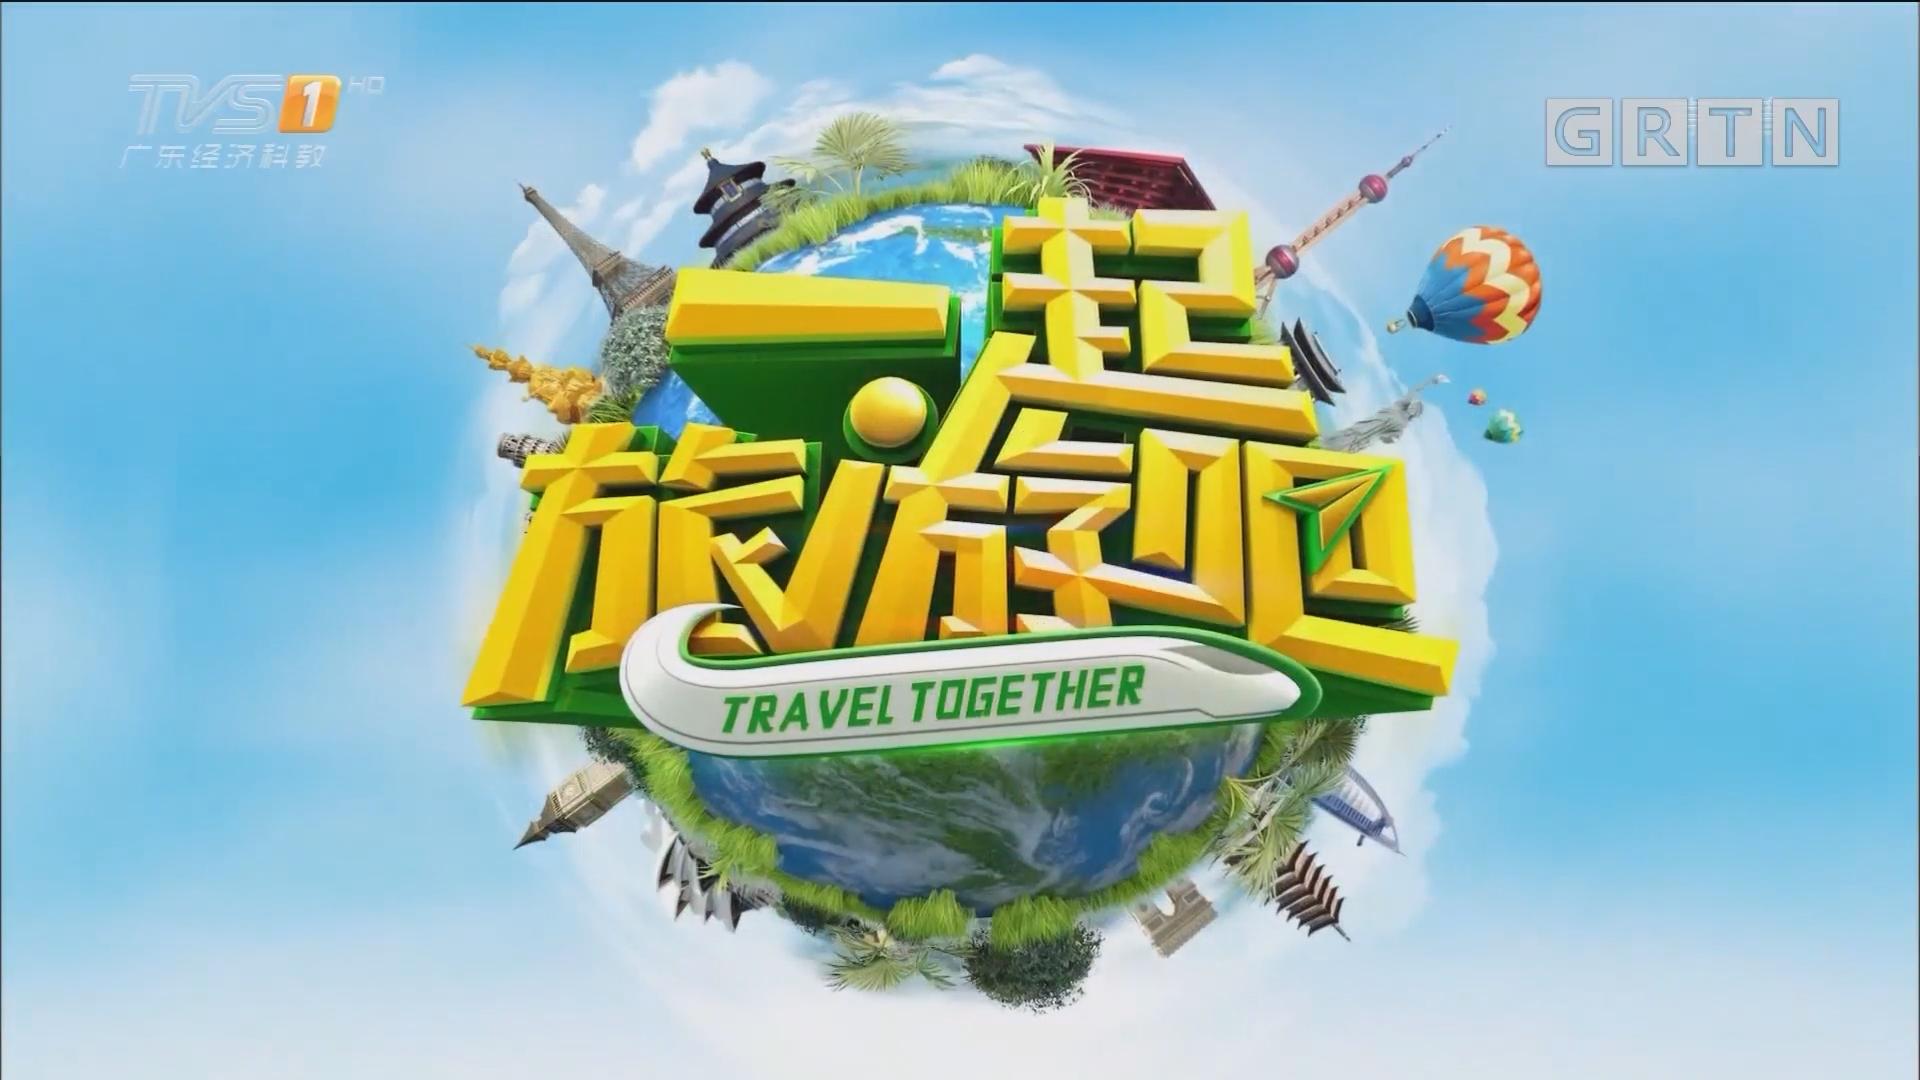 [HD][2017-10-21]一起旅游吧